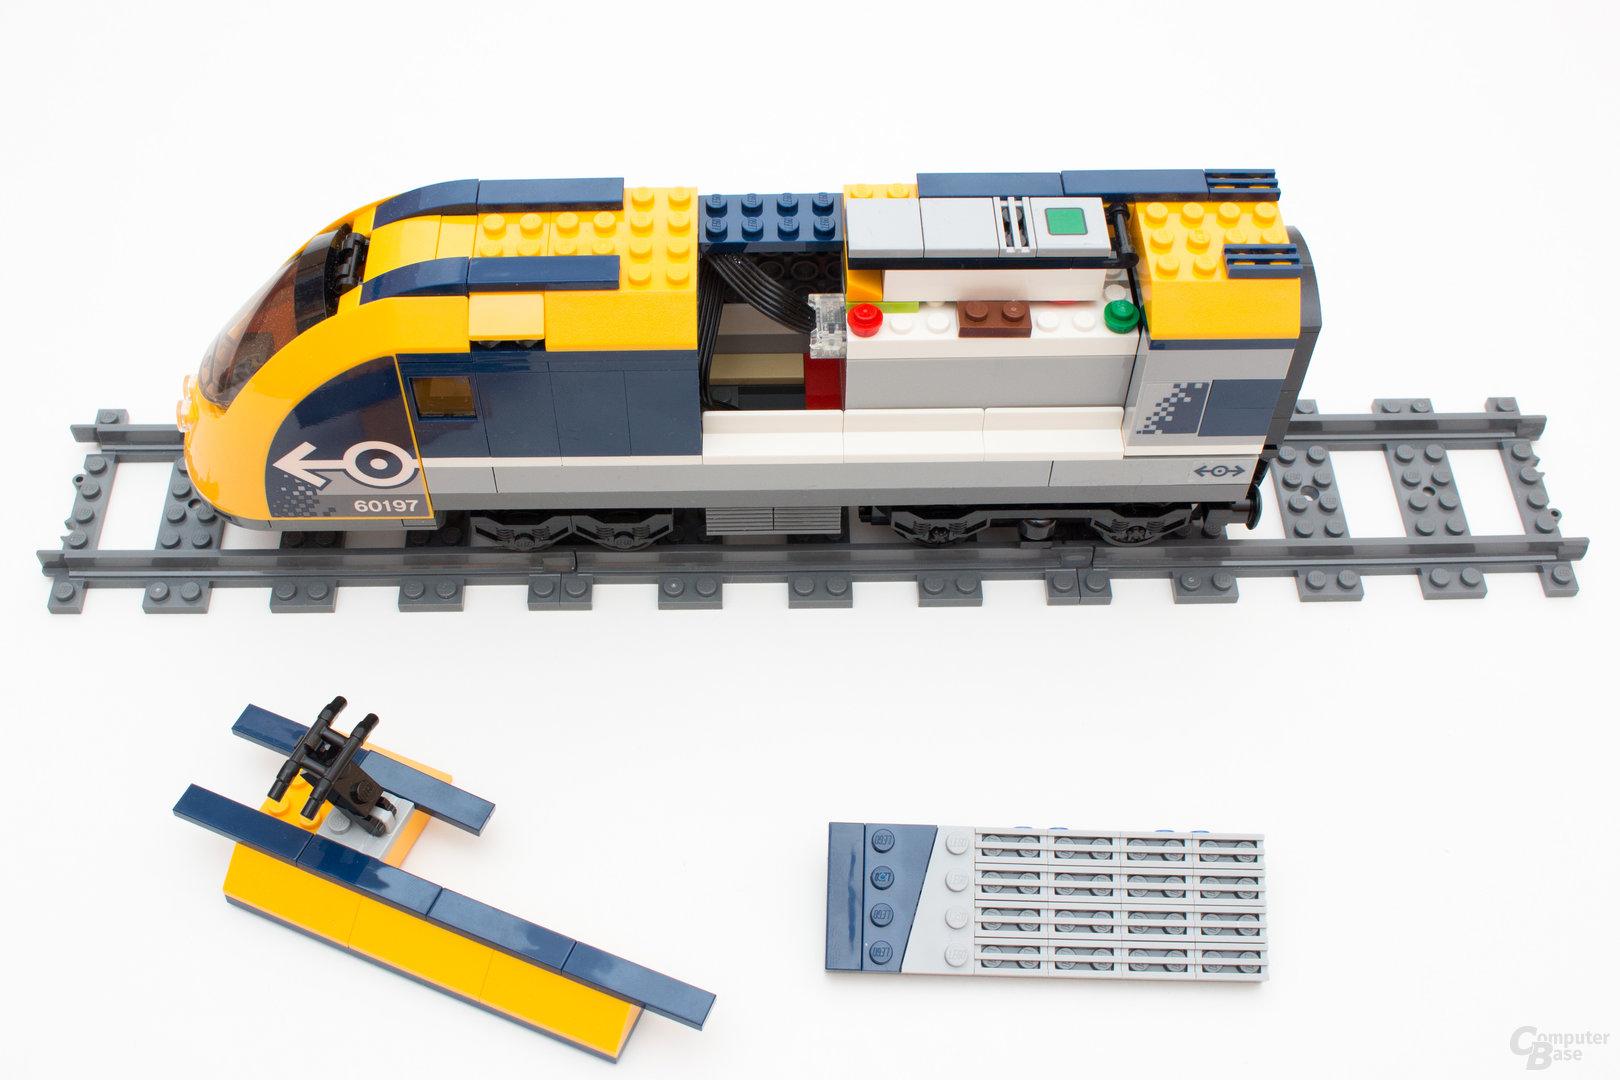 Bluetooth statt wie bisher Infrarot beim neuen Personenzug 60197 von Lego